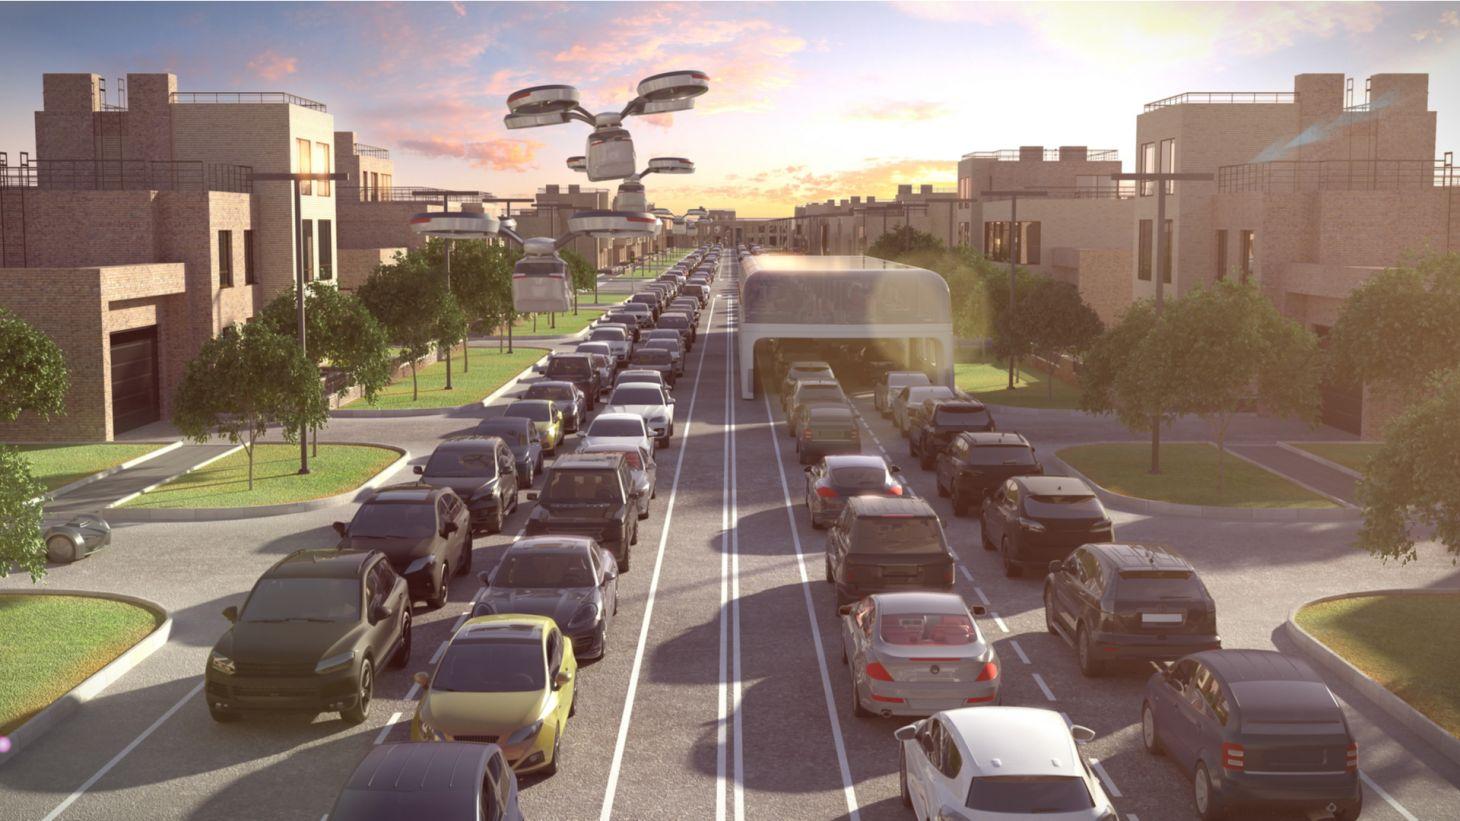 ilustracao carro voador sobre transito congestionamento rodovia cidade